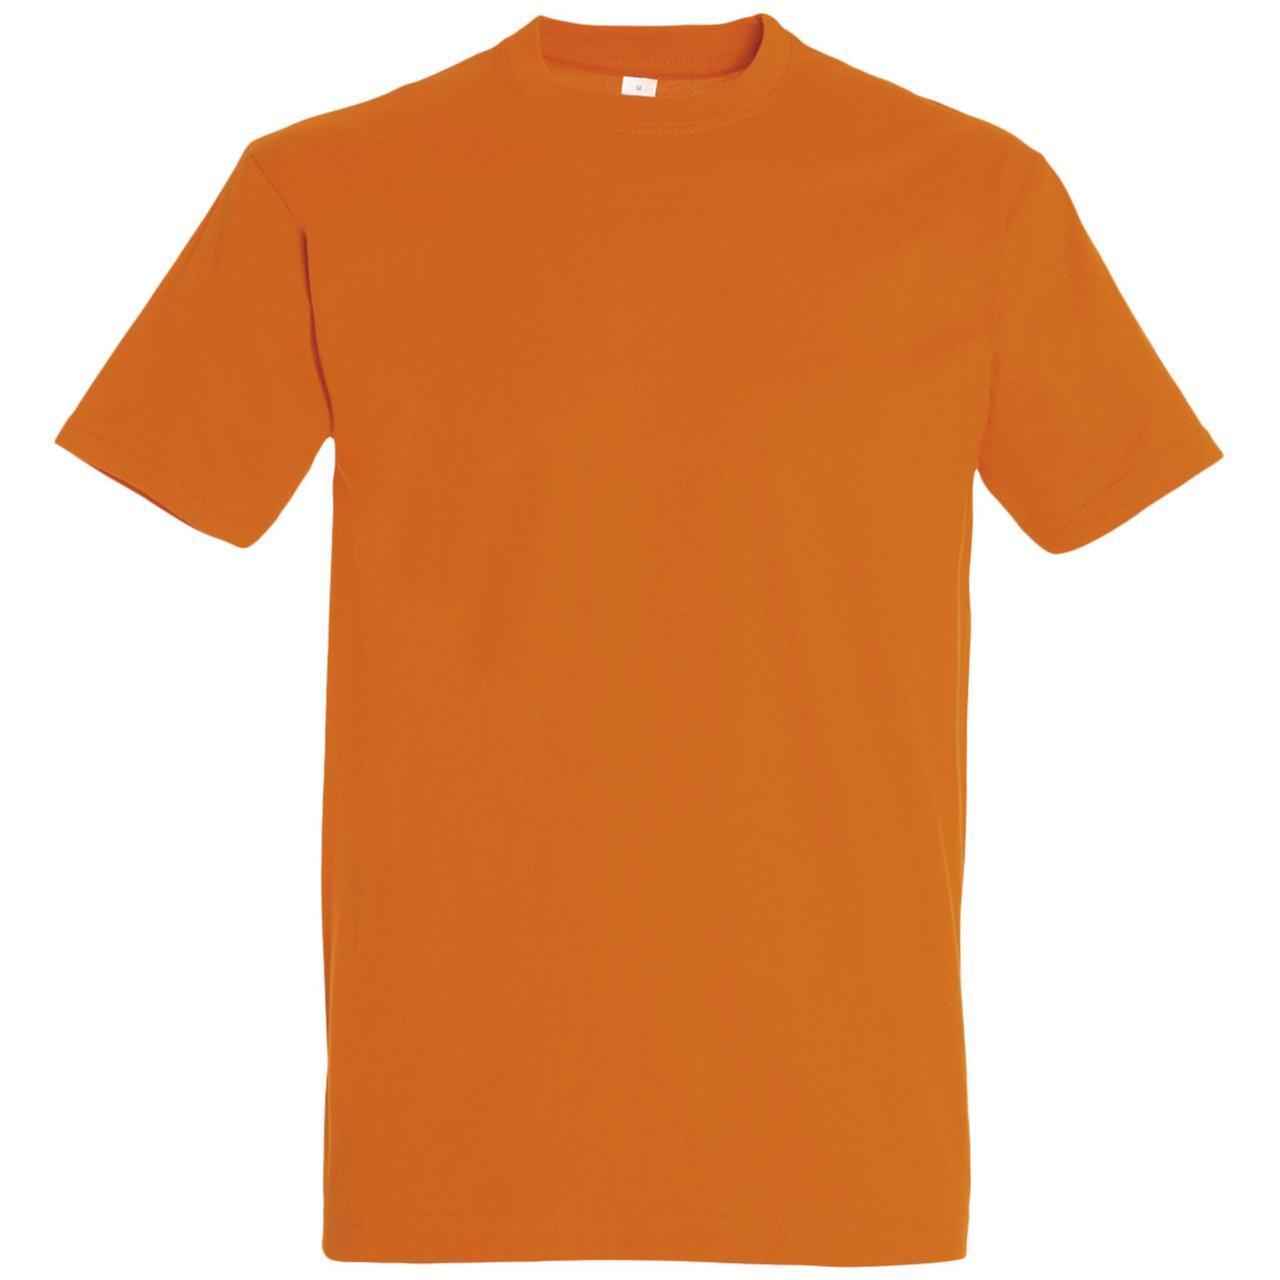 Oднотонная футболка   Оранжевая   160 гр.   M